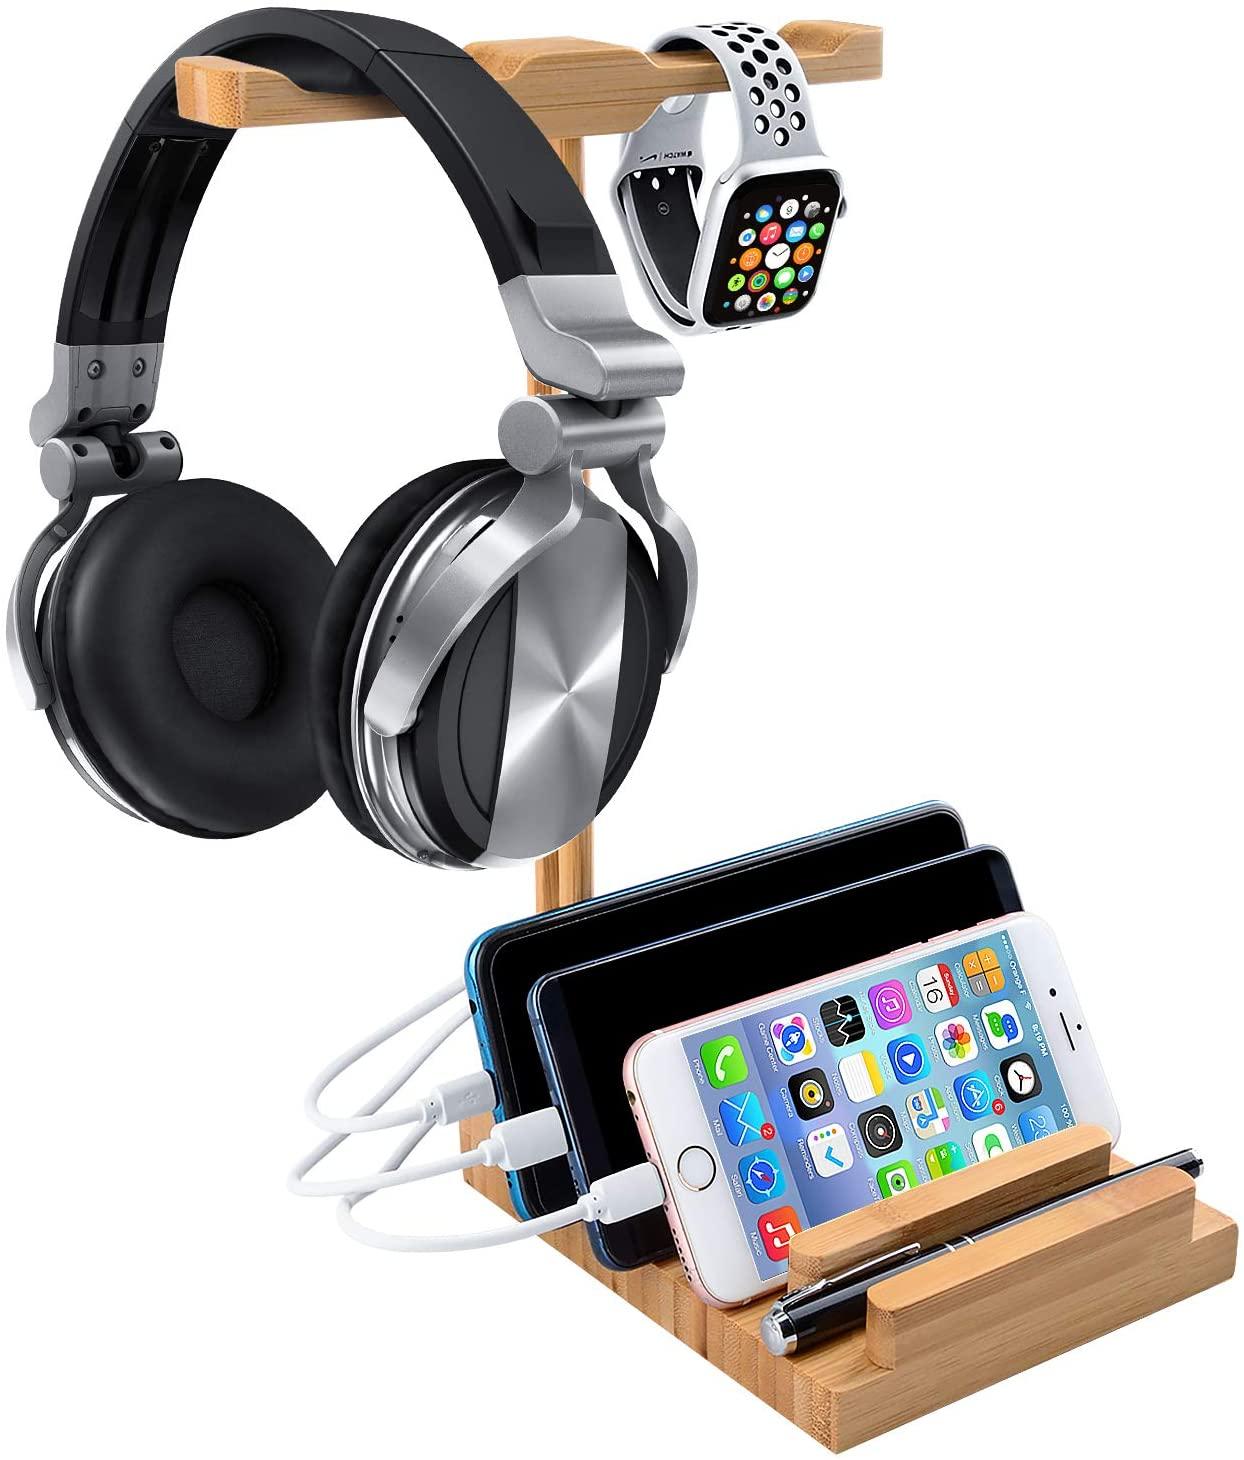 World Backyard Bamboo Wood Headset Stand